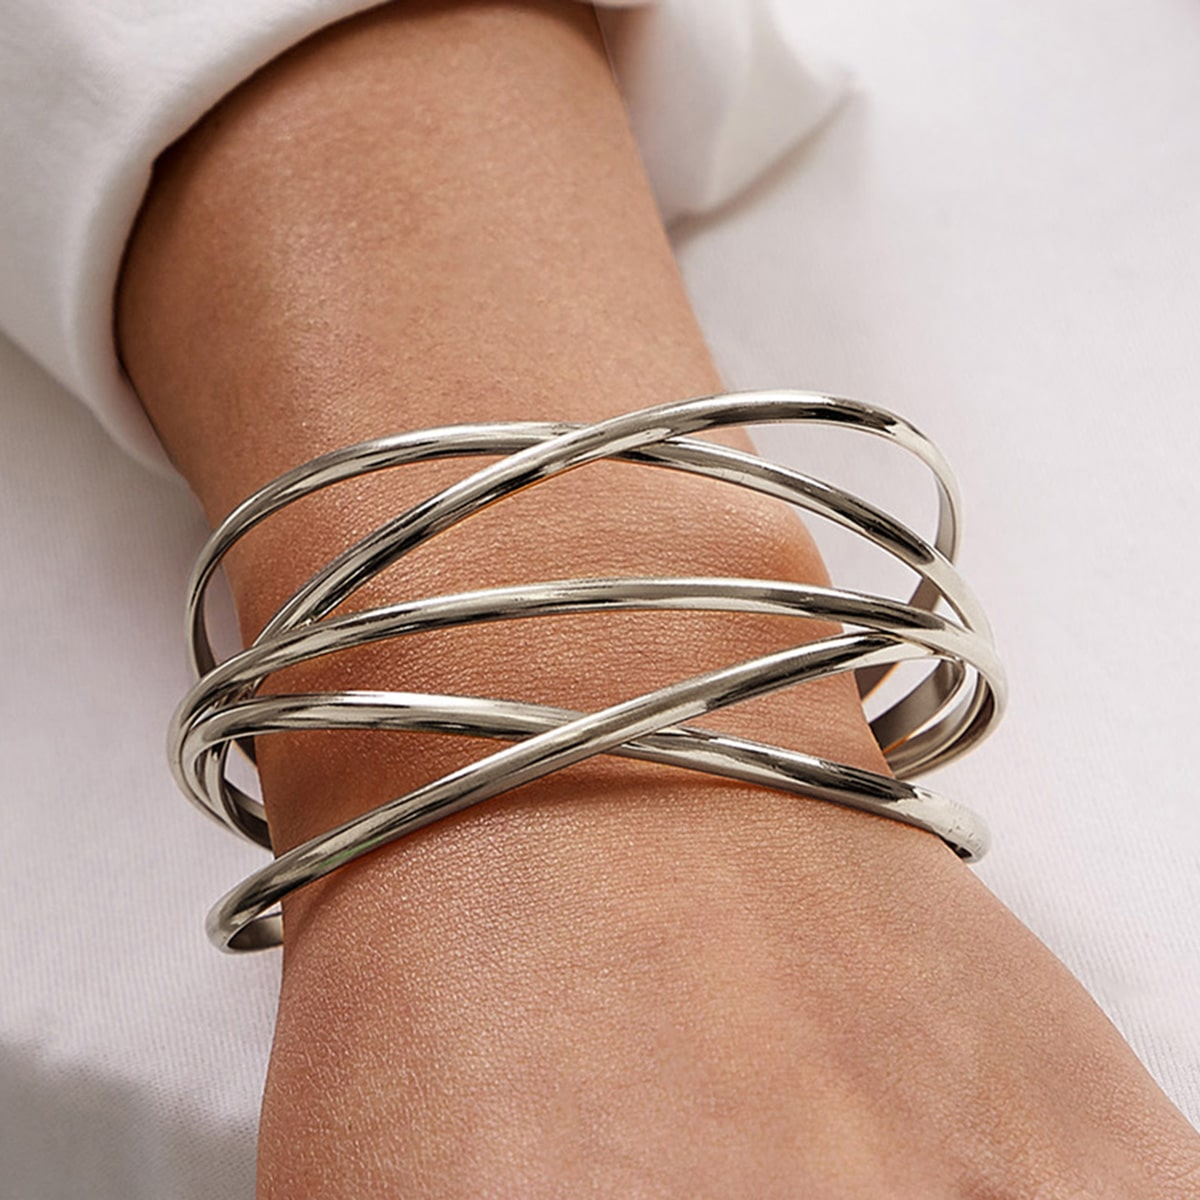 SHEIN / 1pc Metallic Wickelmanschette Armband